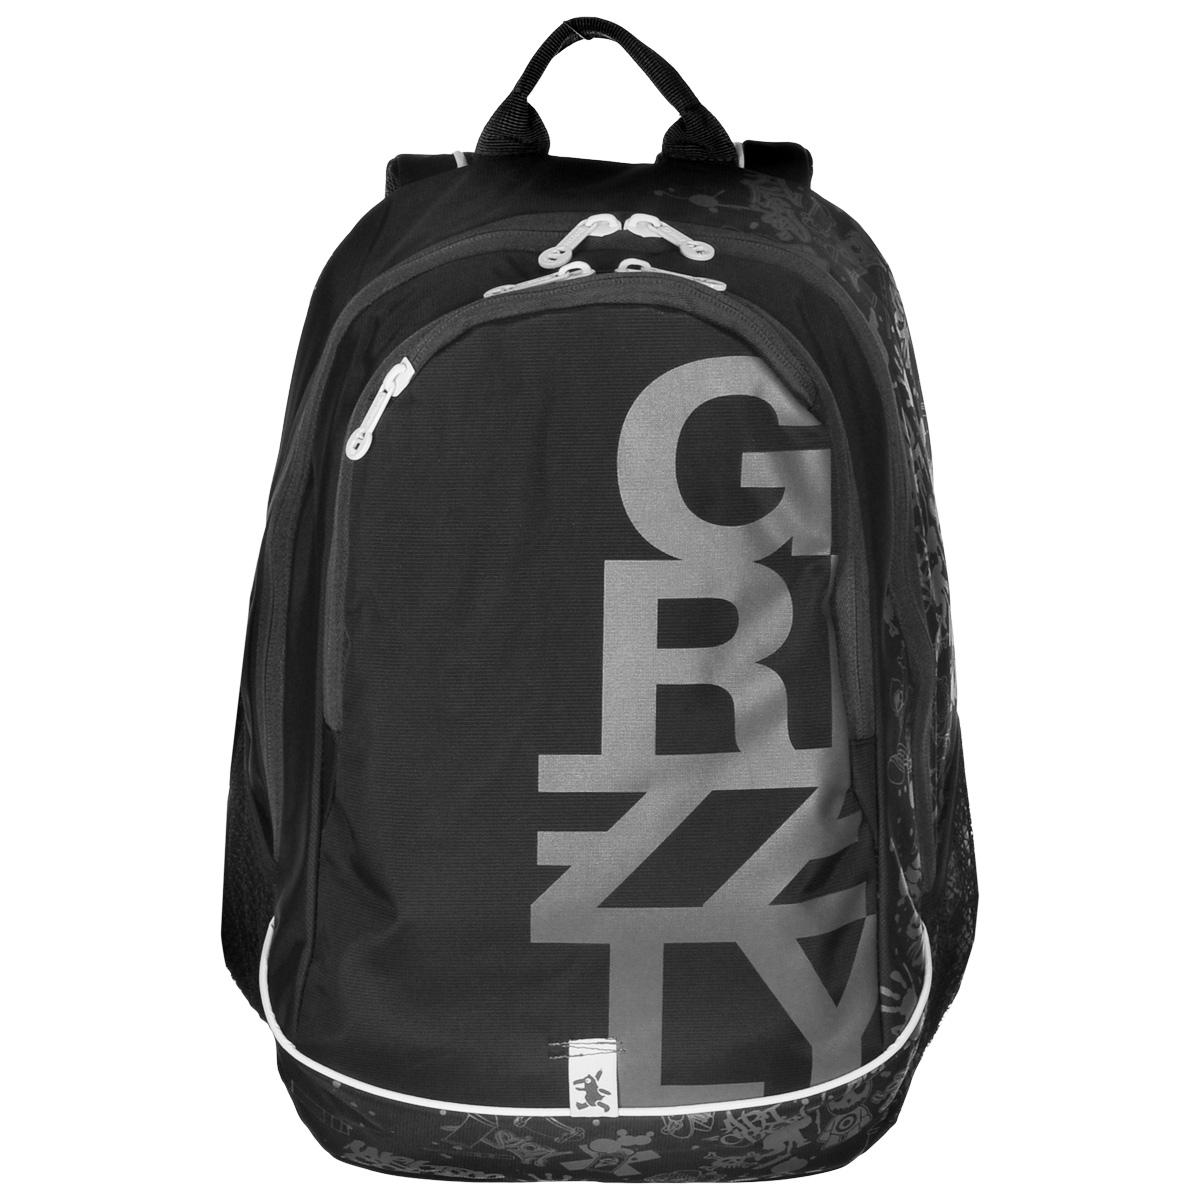 Рюкзак городской Grizzly, цвет: черный, серый, 29 л. RU-400-1/222-0570 SРюкзак Grizzly - это оригинальный молодежный рюкзак со стильным принтом и множеством удобных отделений. Верх изделия выполнен из нейлона, внутренняя поверхность отделана полиэстером зеленого цвета. Рюкзак имеет два отделения, которые закрываются на застежку-молнию. Внутри первого отделения содержится вшитый карман на молнии и пластиковый карман для визитки, внутри второго - сетчатый карман на молнии и 3 открытых кармашка. Модель имеет жесткую рельефную спинку с мягкими вставками и анатомическими лямками. На передней стенке содержится карман на молнии, по бокам расположено 2 сетчатых кармана. Такой рюкзак подчеркнет ваш стиль и поможет выделиться из толпы.